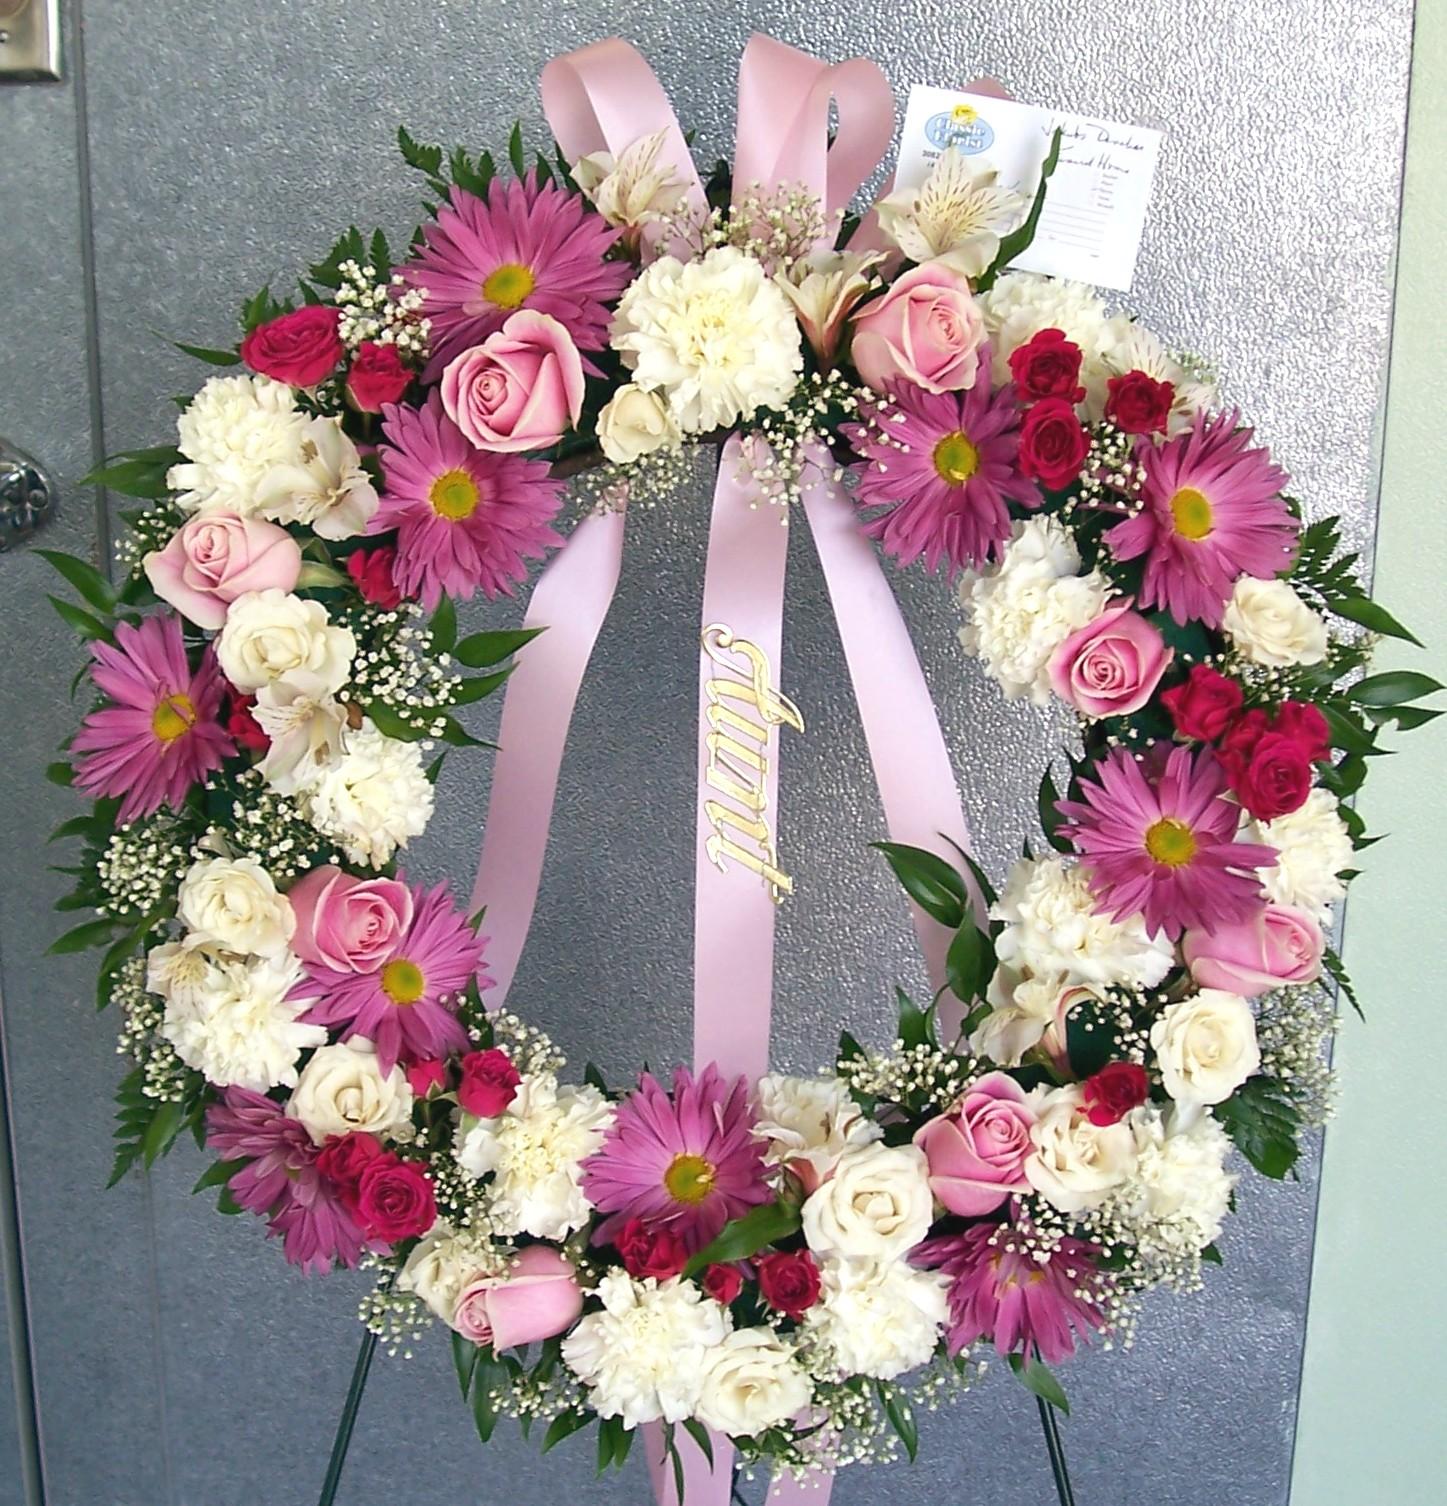 Funeral flower arrangements flowers online 2018 flowers online izmirmasajfo